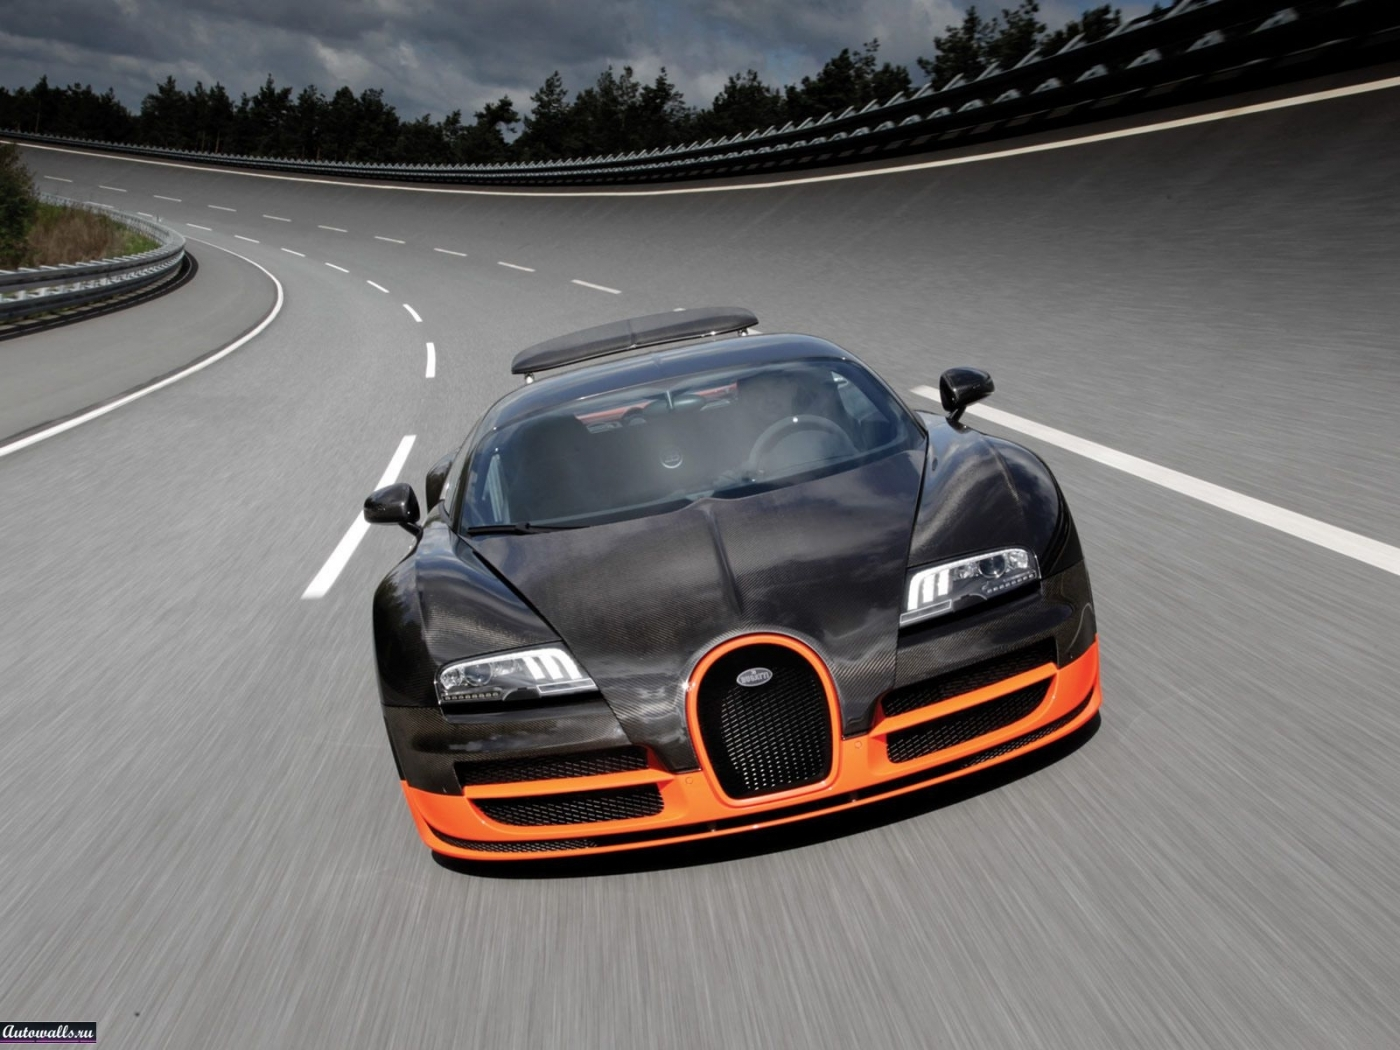 23571 скачать обои Машины, Бугатти (Bugatti), Транспорт - заставки и картинки бесплатно